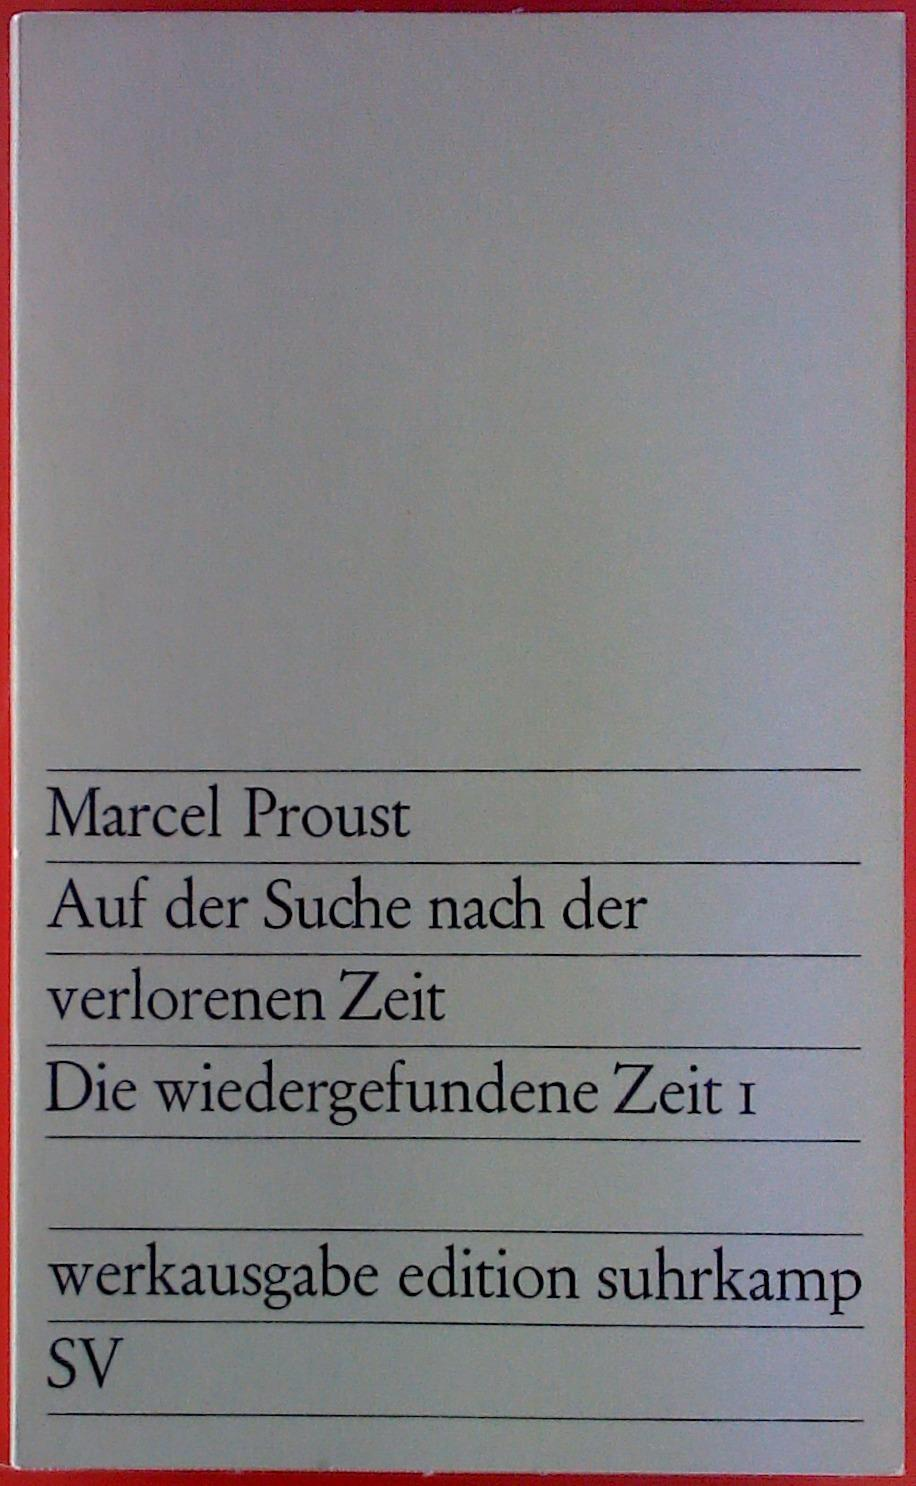 Auf der Suche nach der verlorenen Zeit.: Marcel Proust